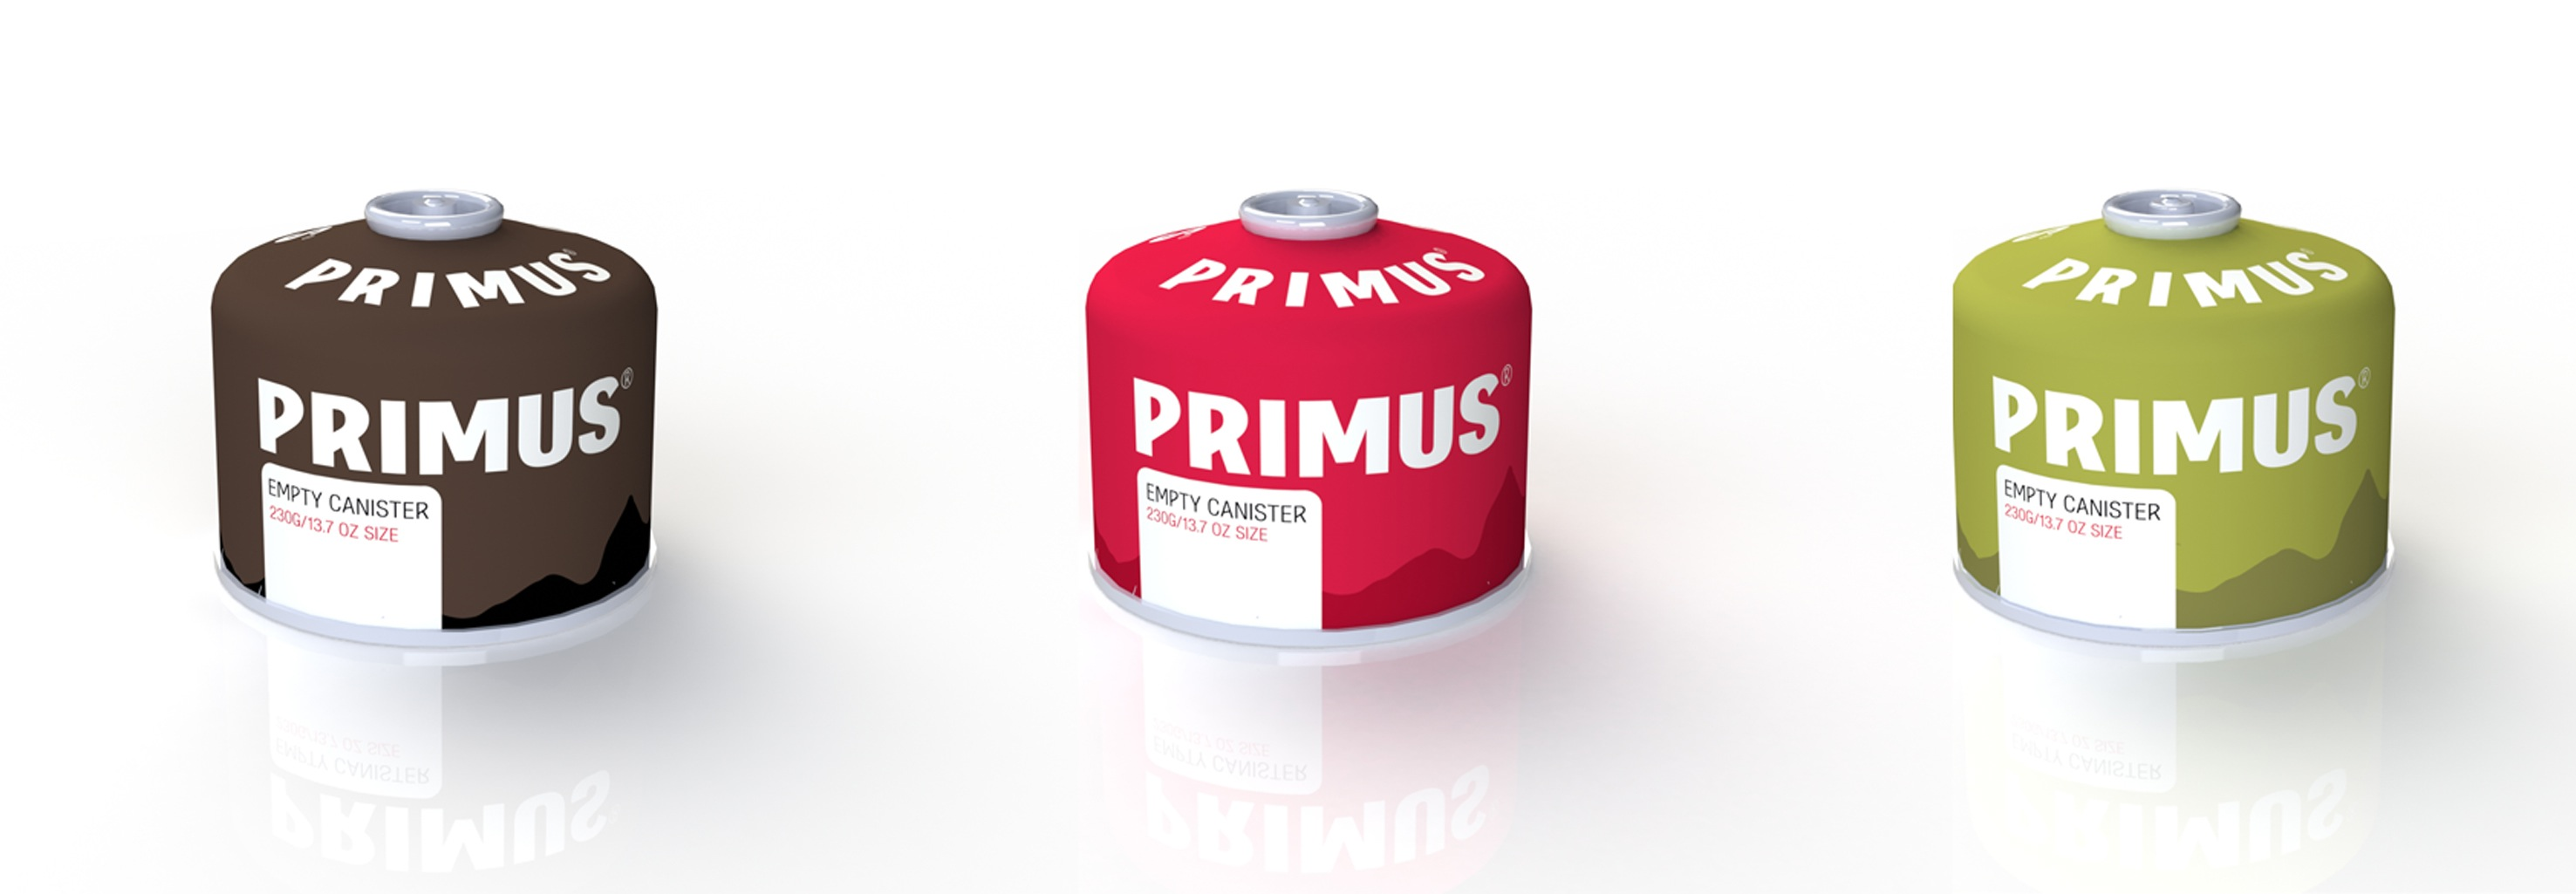 Primus gibt Gas und zwar in jeder Jahreszeit mit der passenden Mischung.  Foto (c) Primus